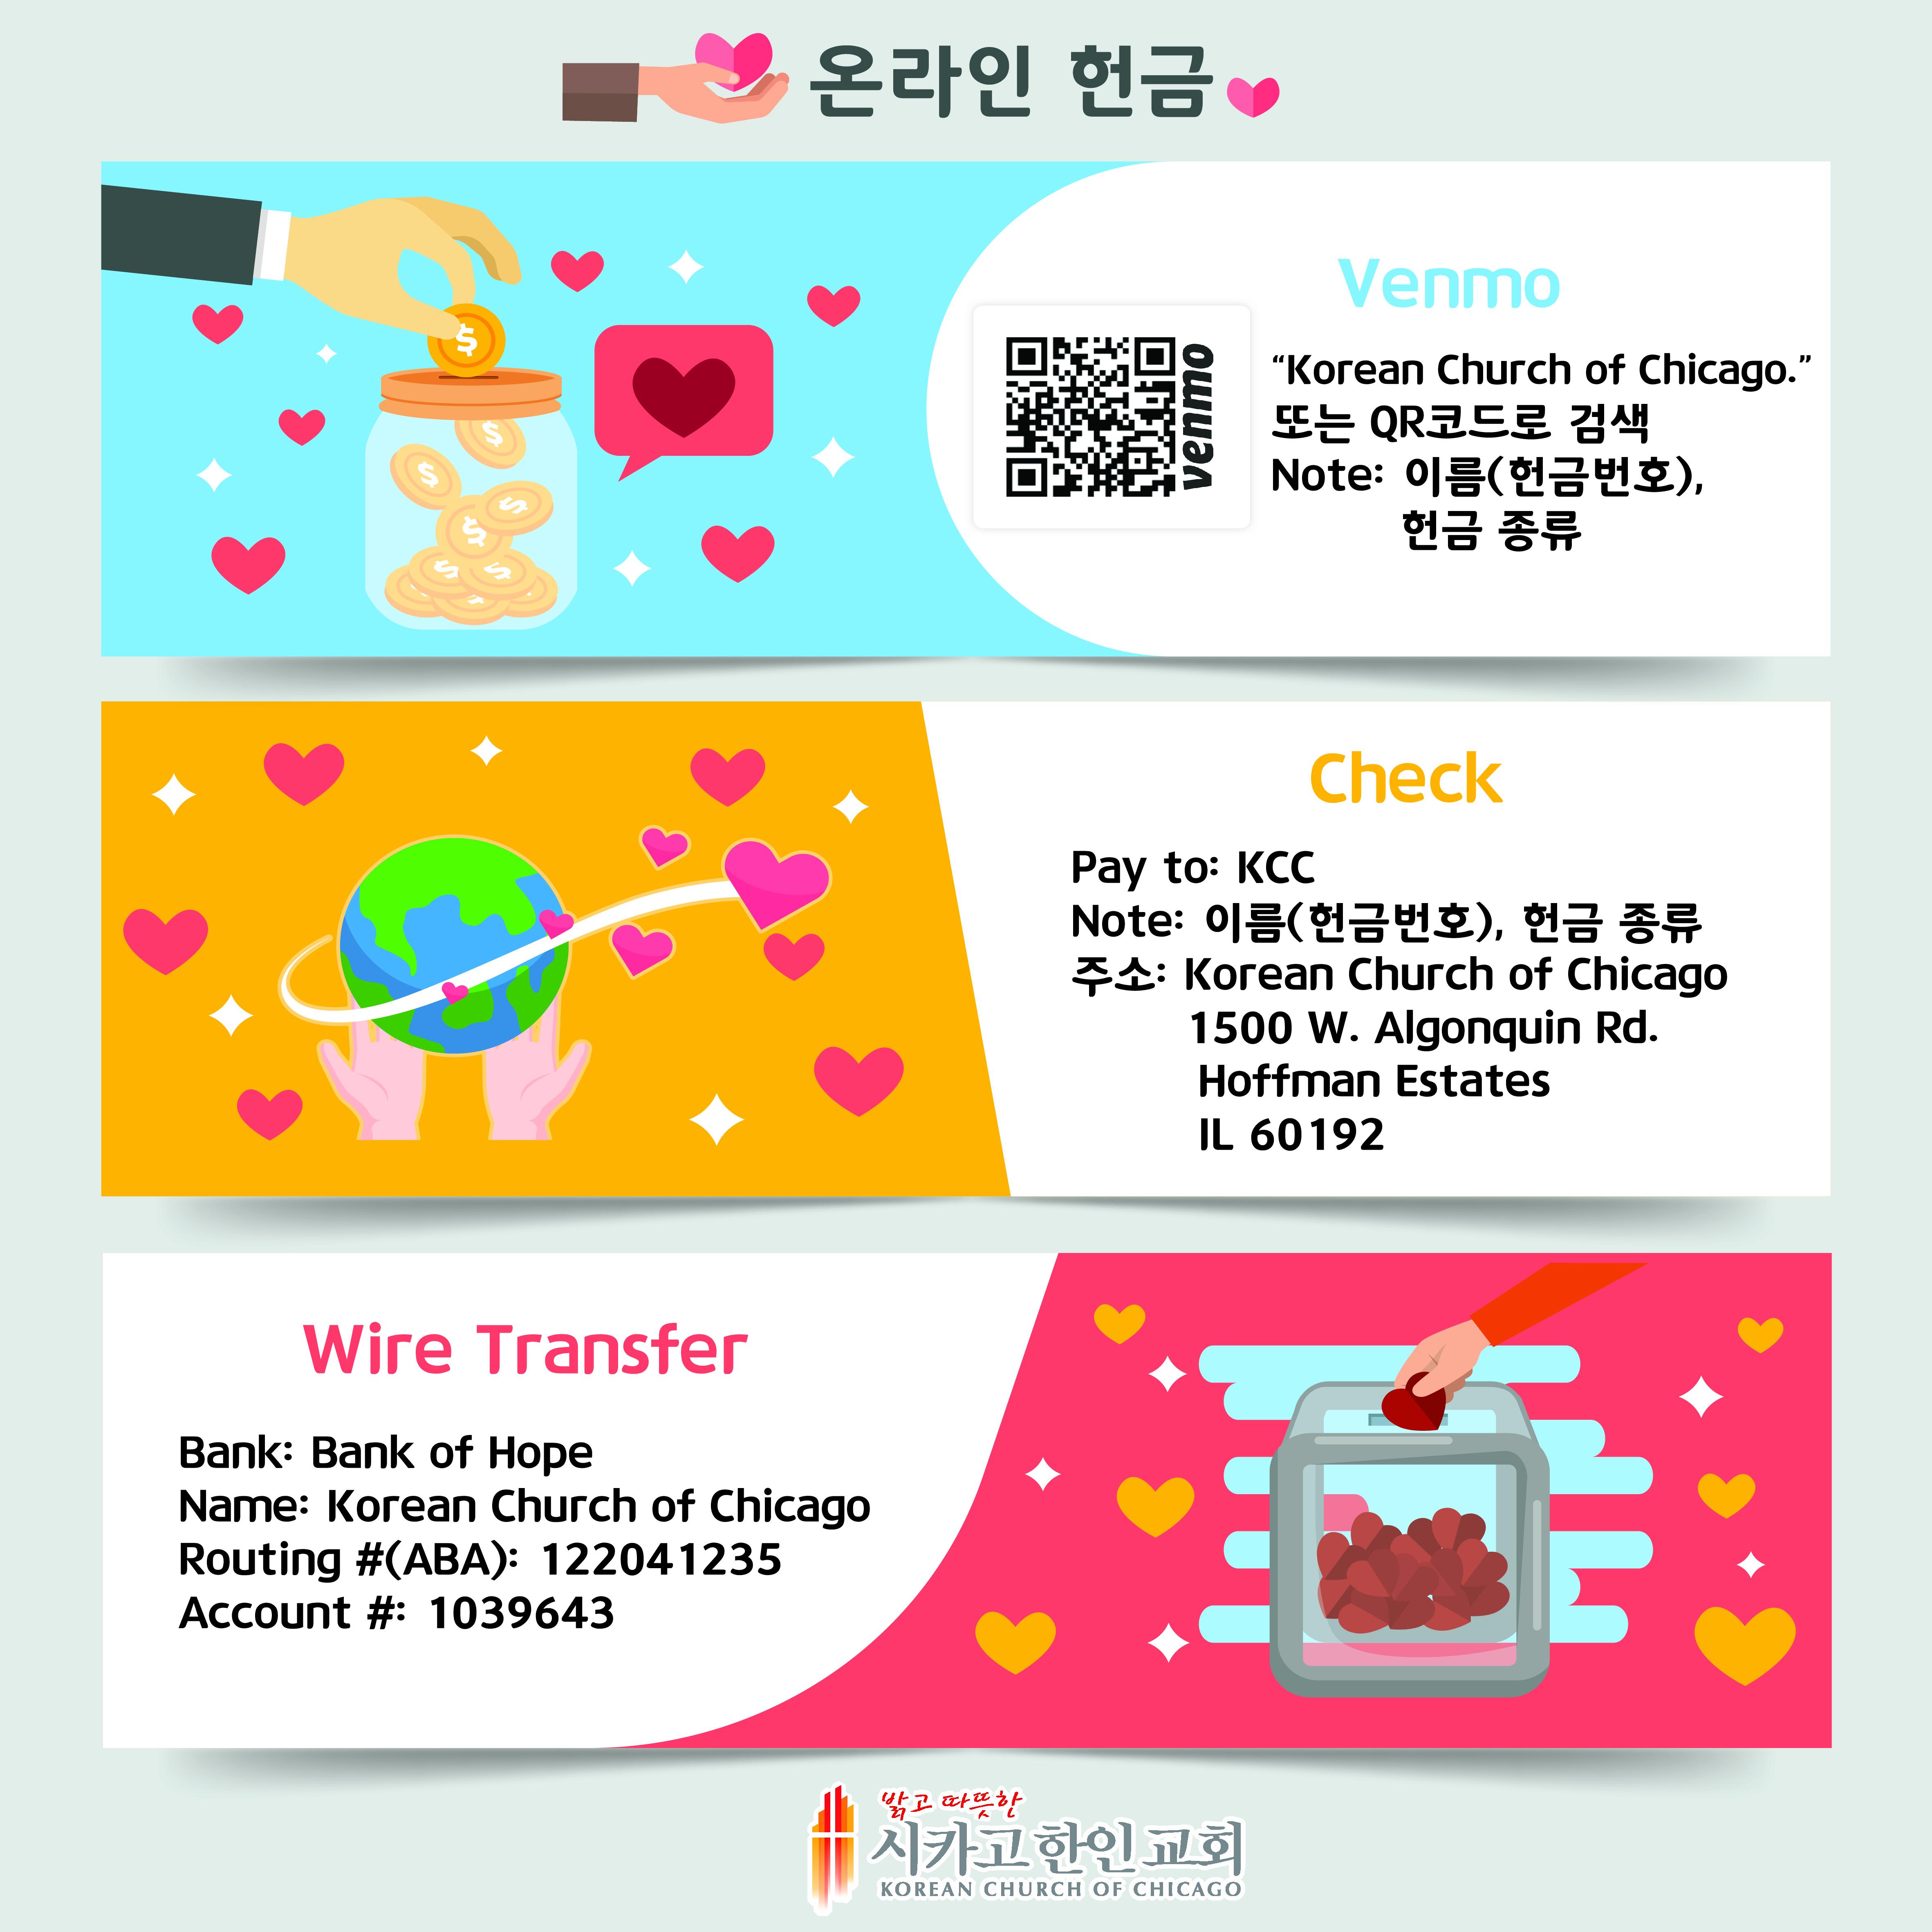 온라인 헌금 안내(Wire transfer)-01.jpg